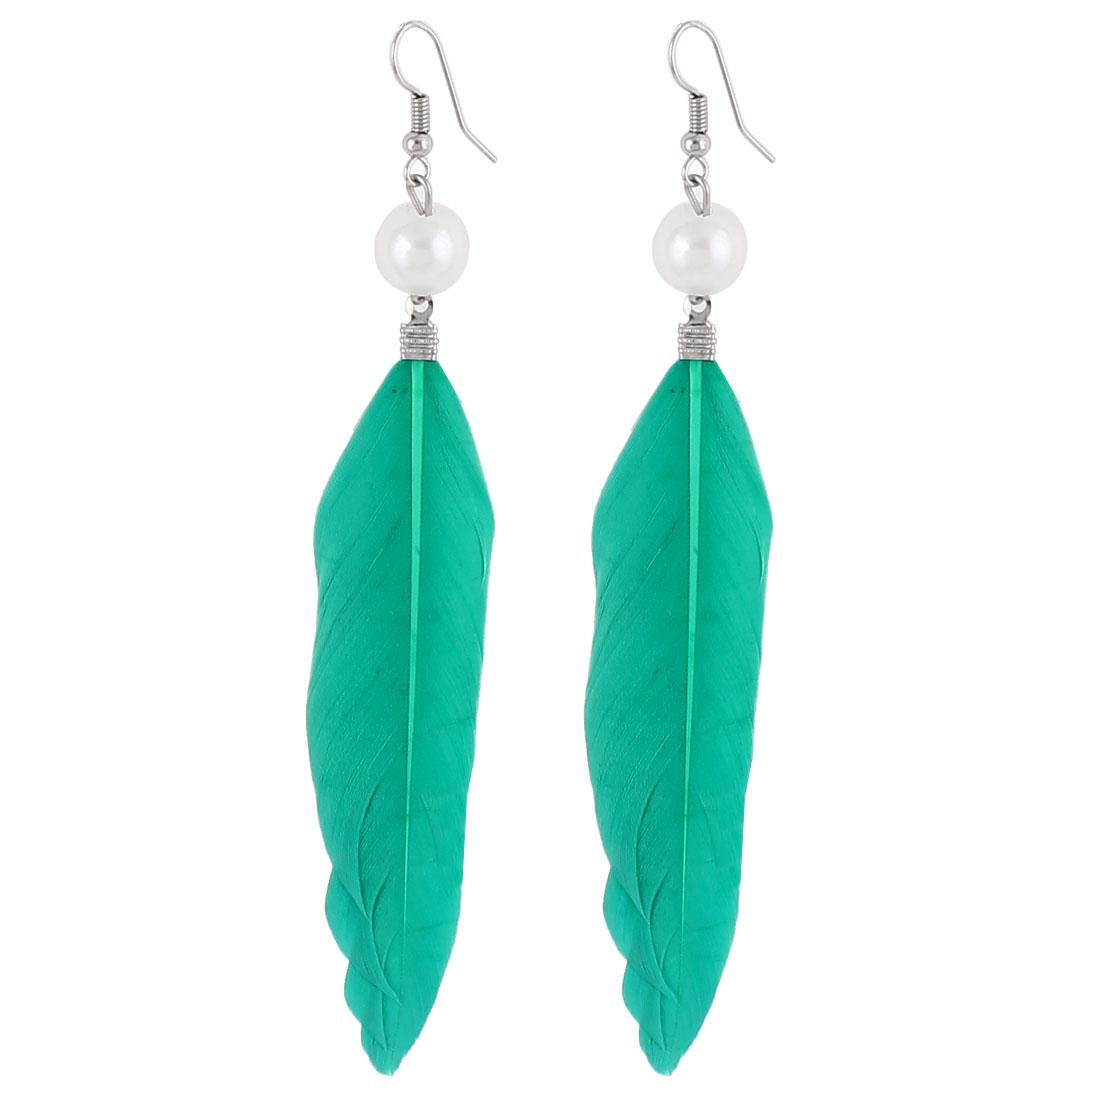 Women Faux Feather Pendant Fish Hook Dangle Earrings Eardrop Pair Teal